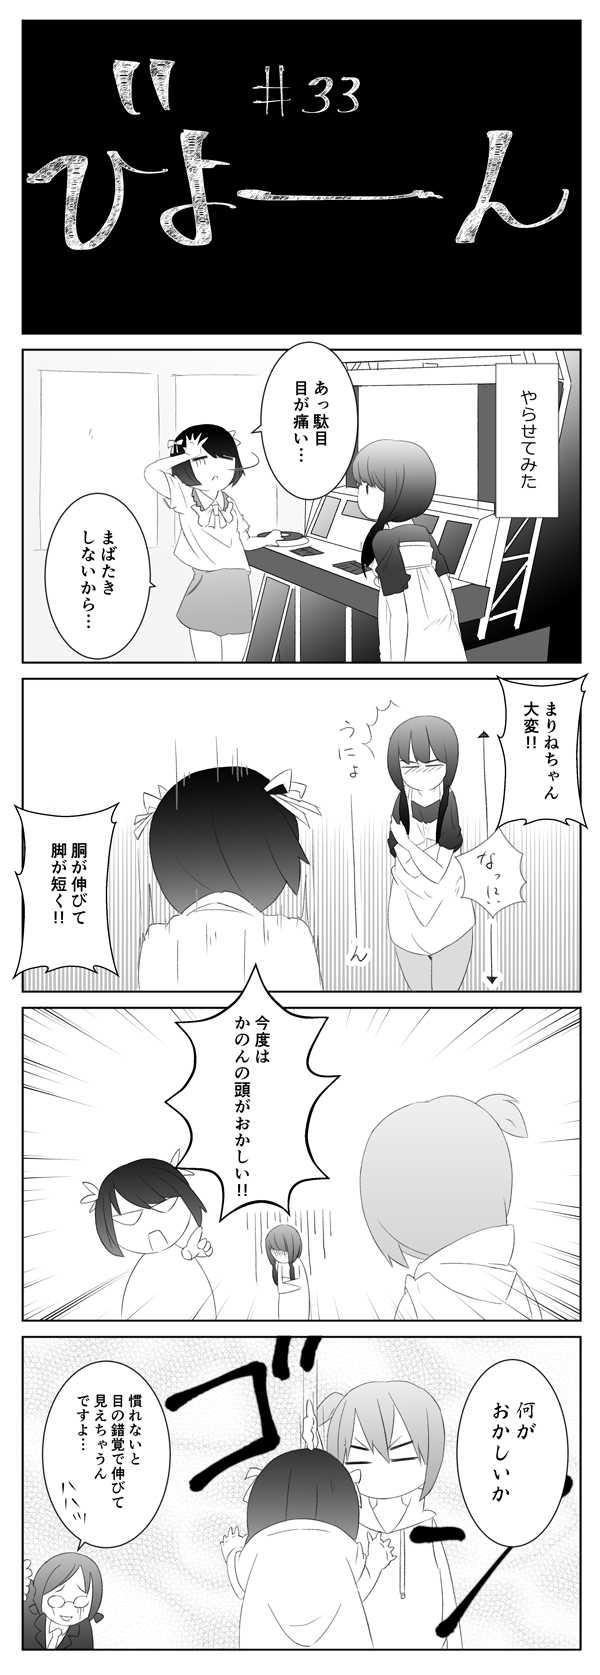 たゆたRom. 33本目「びよーん」